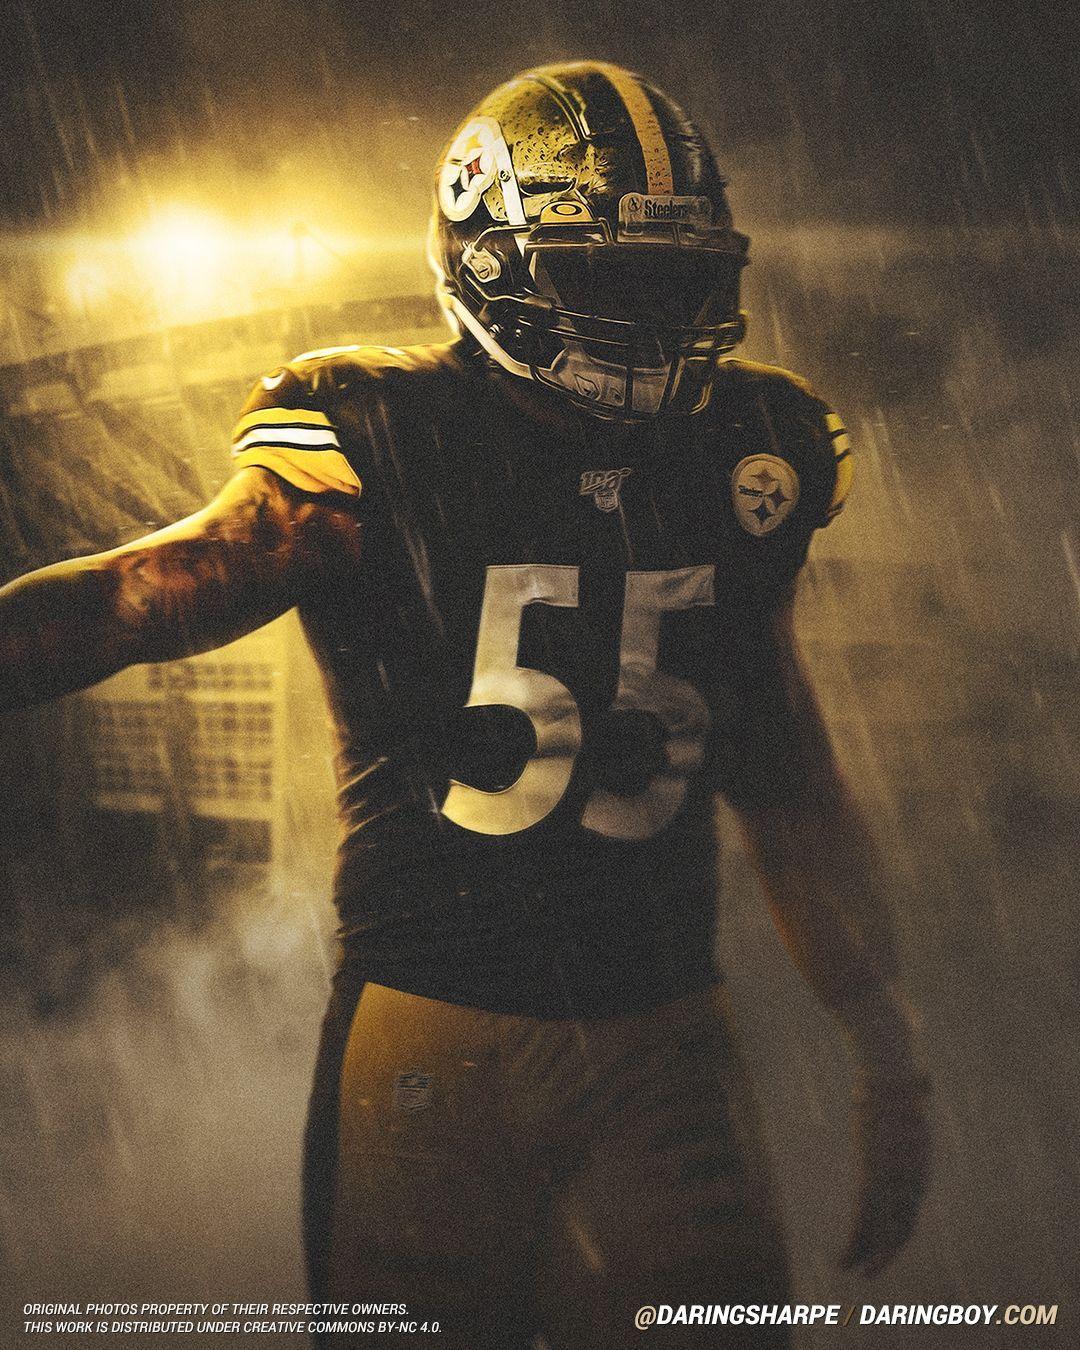 Pittsburgh Steelers In 2021 Pittsburgh Steelers Football Pittsburgh Steelers Players Pittsburgh Steelers